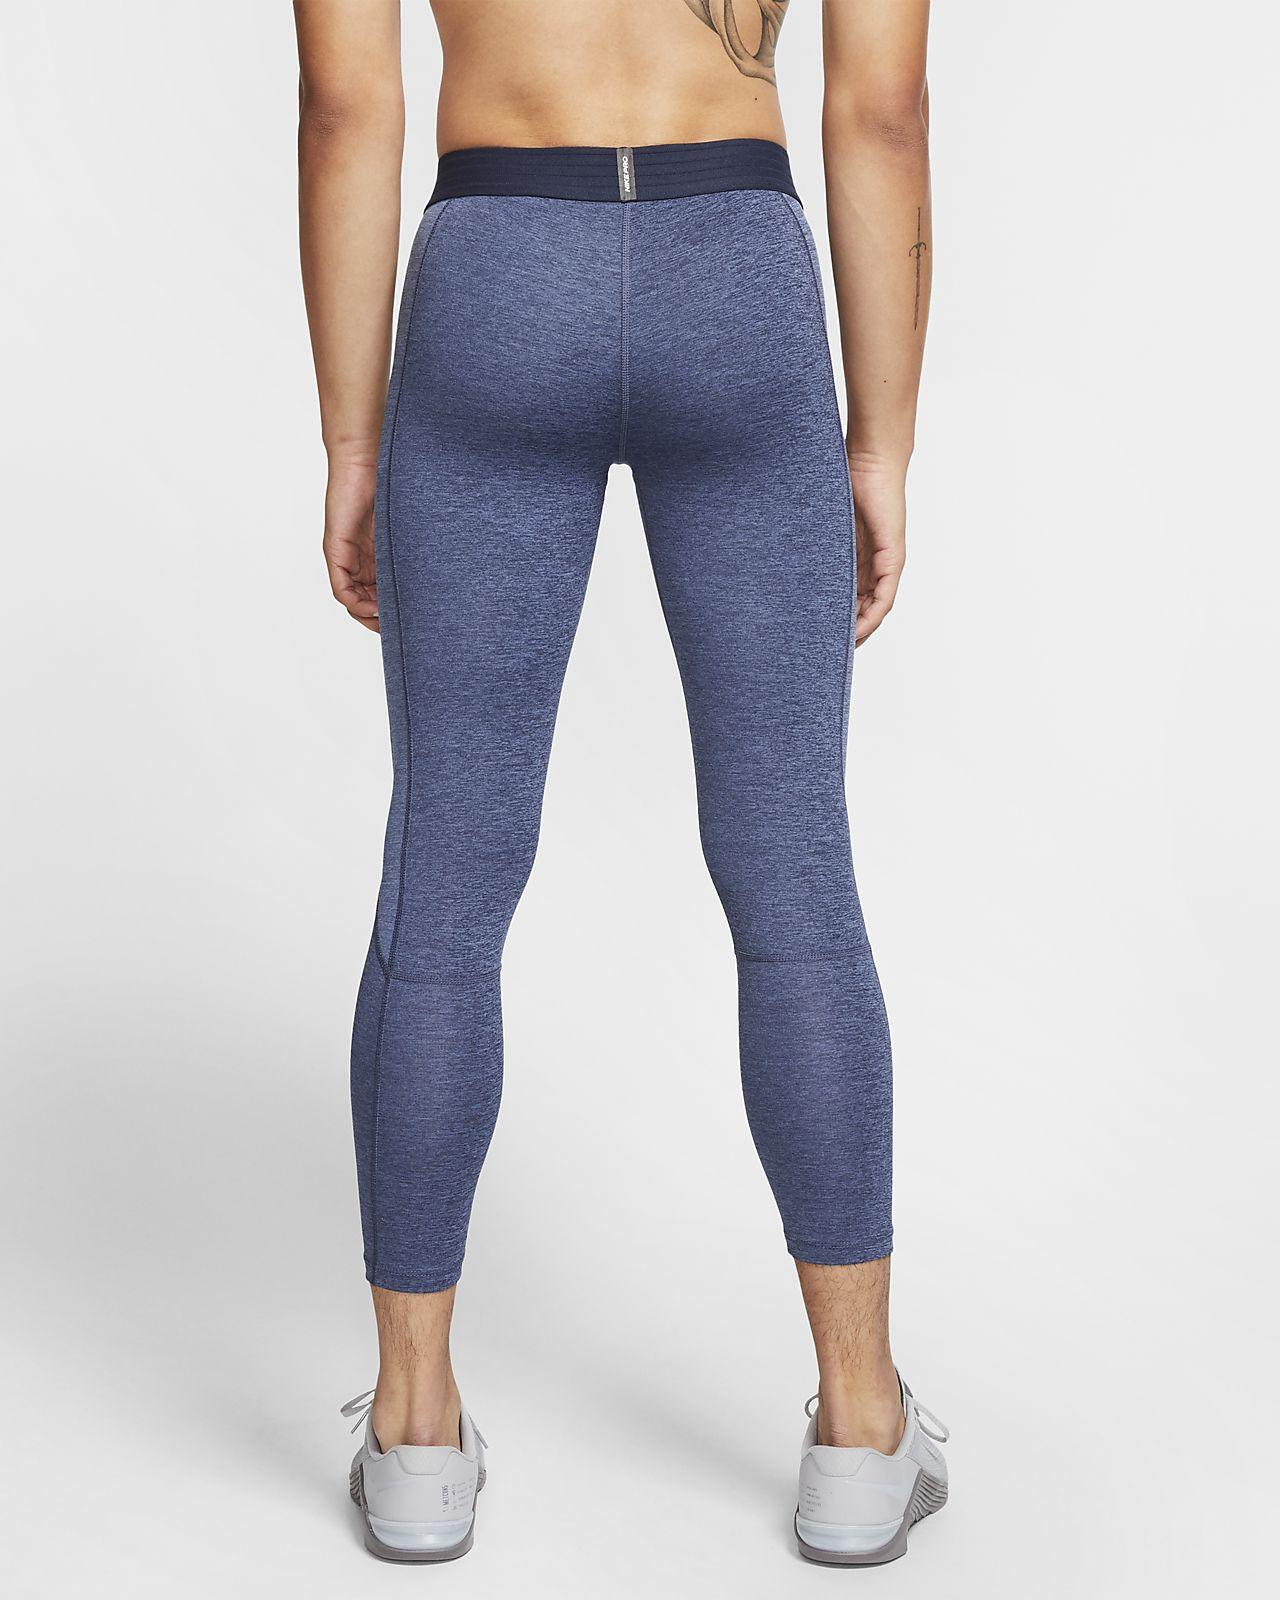 متخصص كوب متألق Nike Tech Pantalones Tres Cuartos Ffigh Org